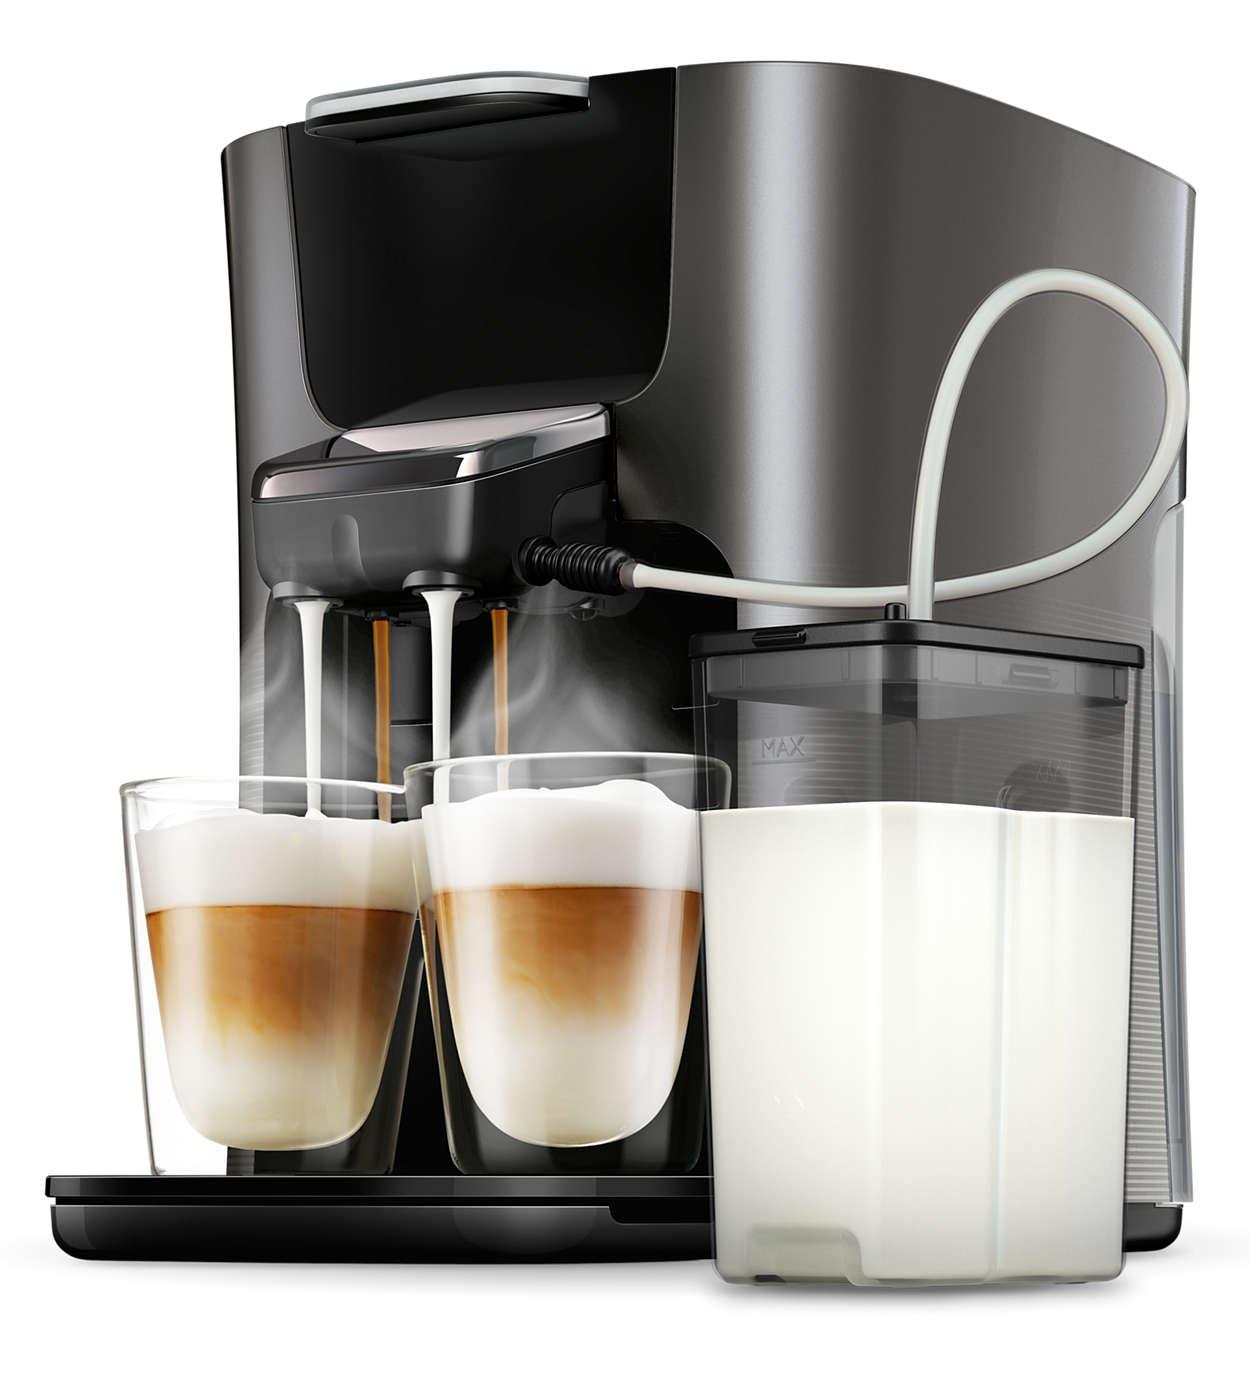 Geniet eenvoudiger dan ooit van uw favoriete cappuccino!